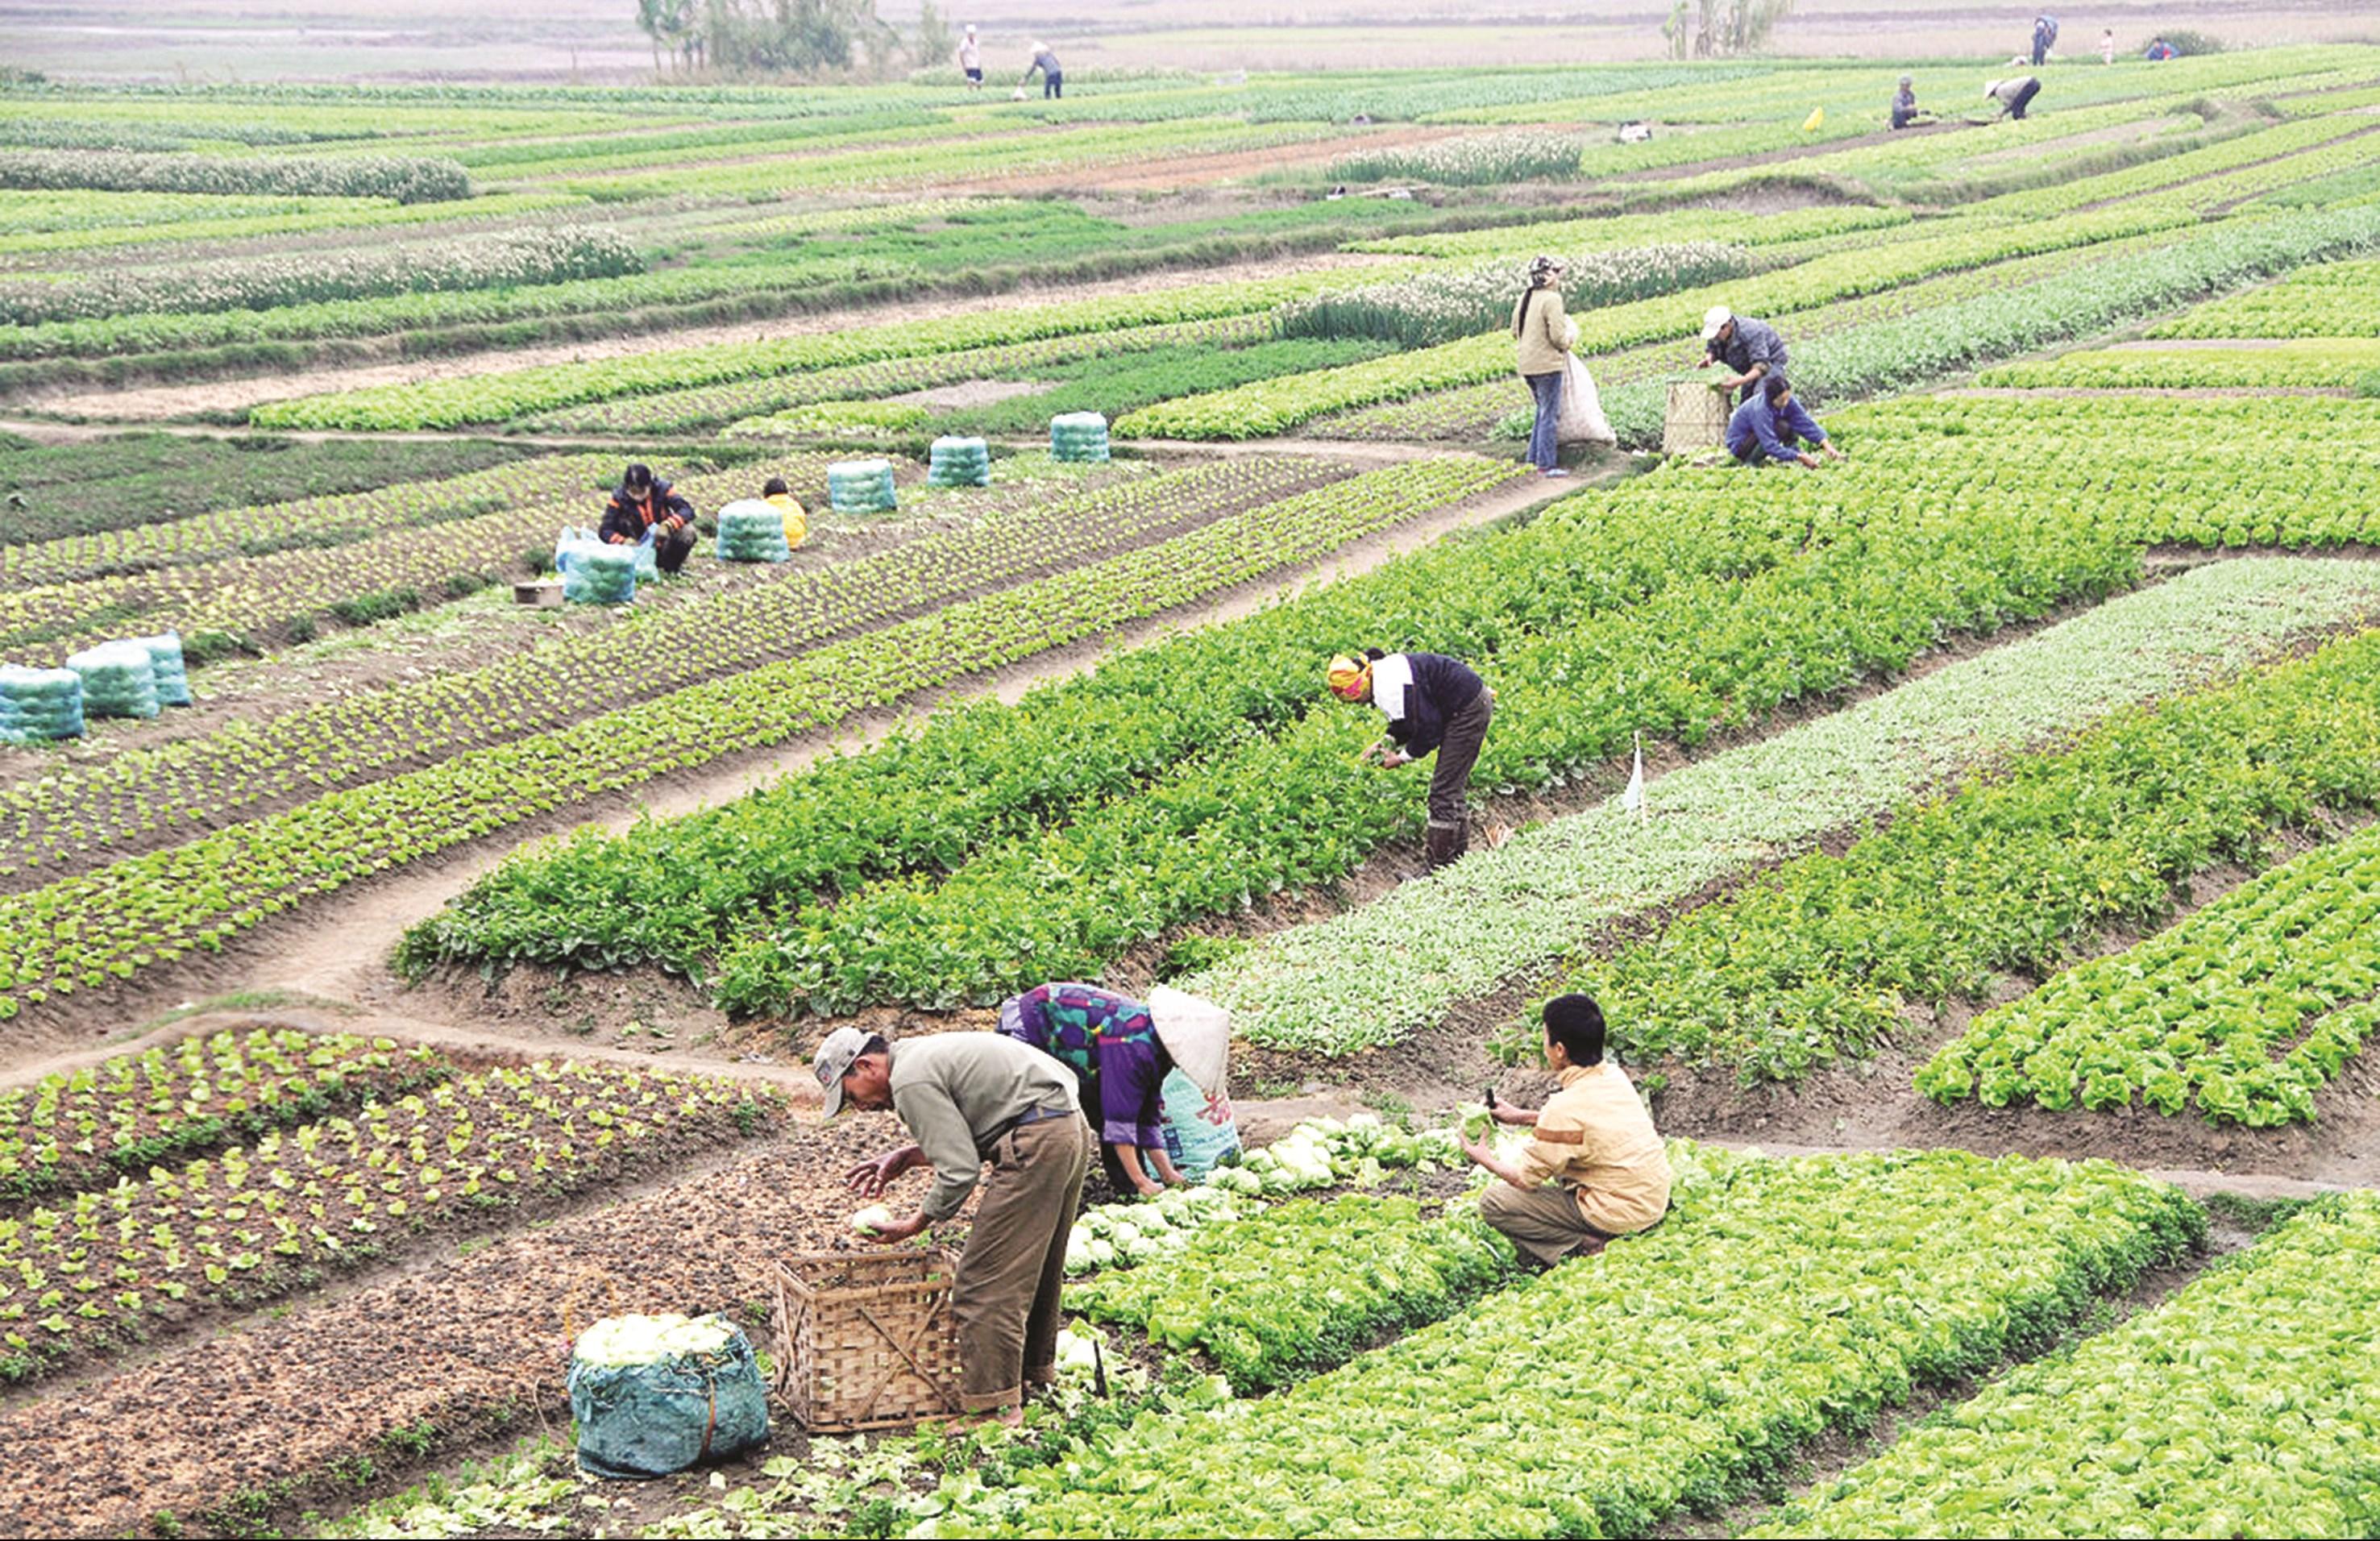 Ngành Nông nghiệp Việt Nam đang tạo ra một lượng hàng hóa lớn, nhưng đầu ra cho sản phẩm vẫn còn nhiều khó khăn.